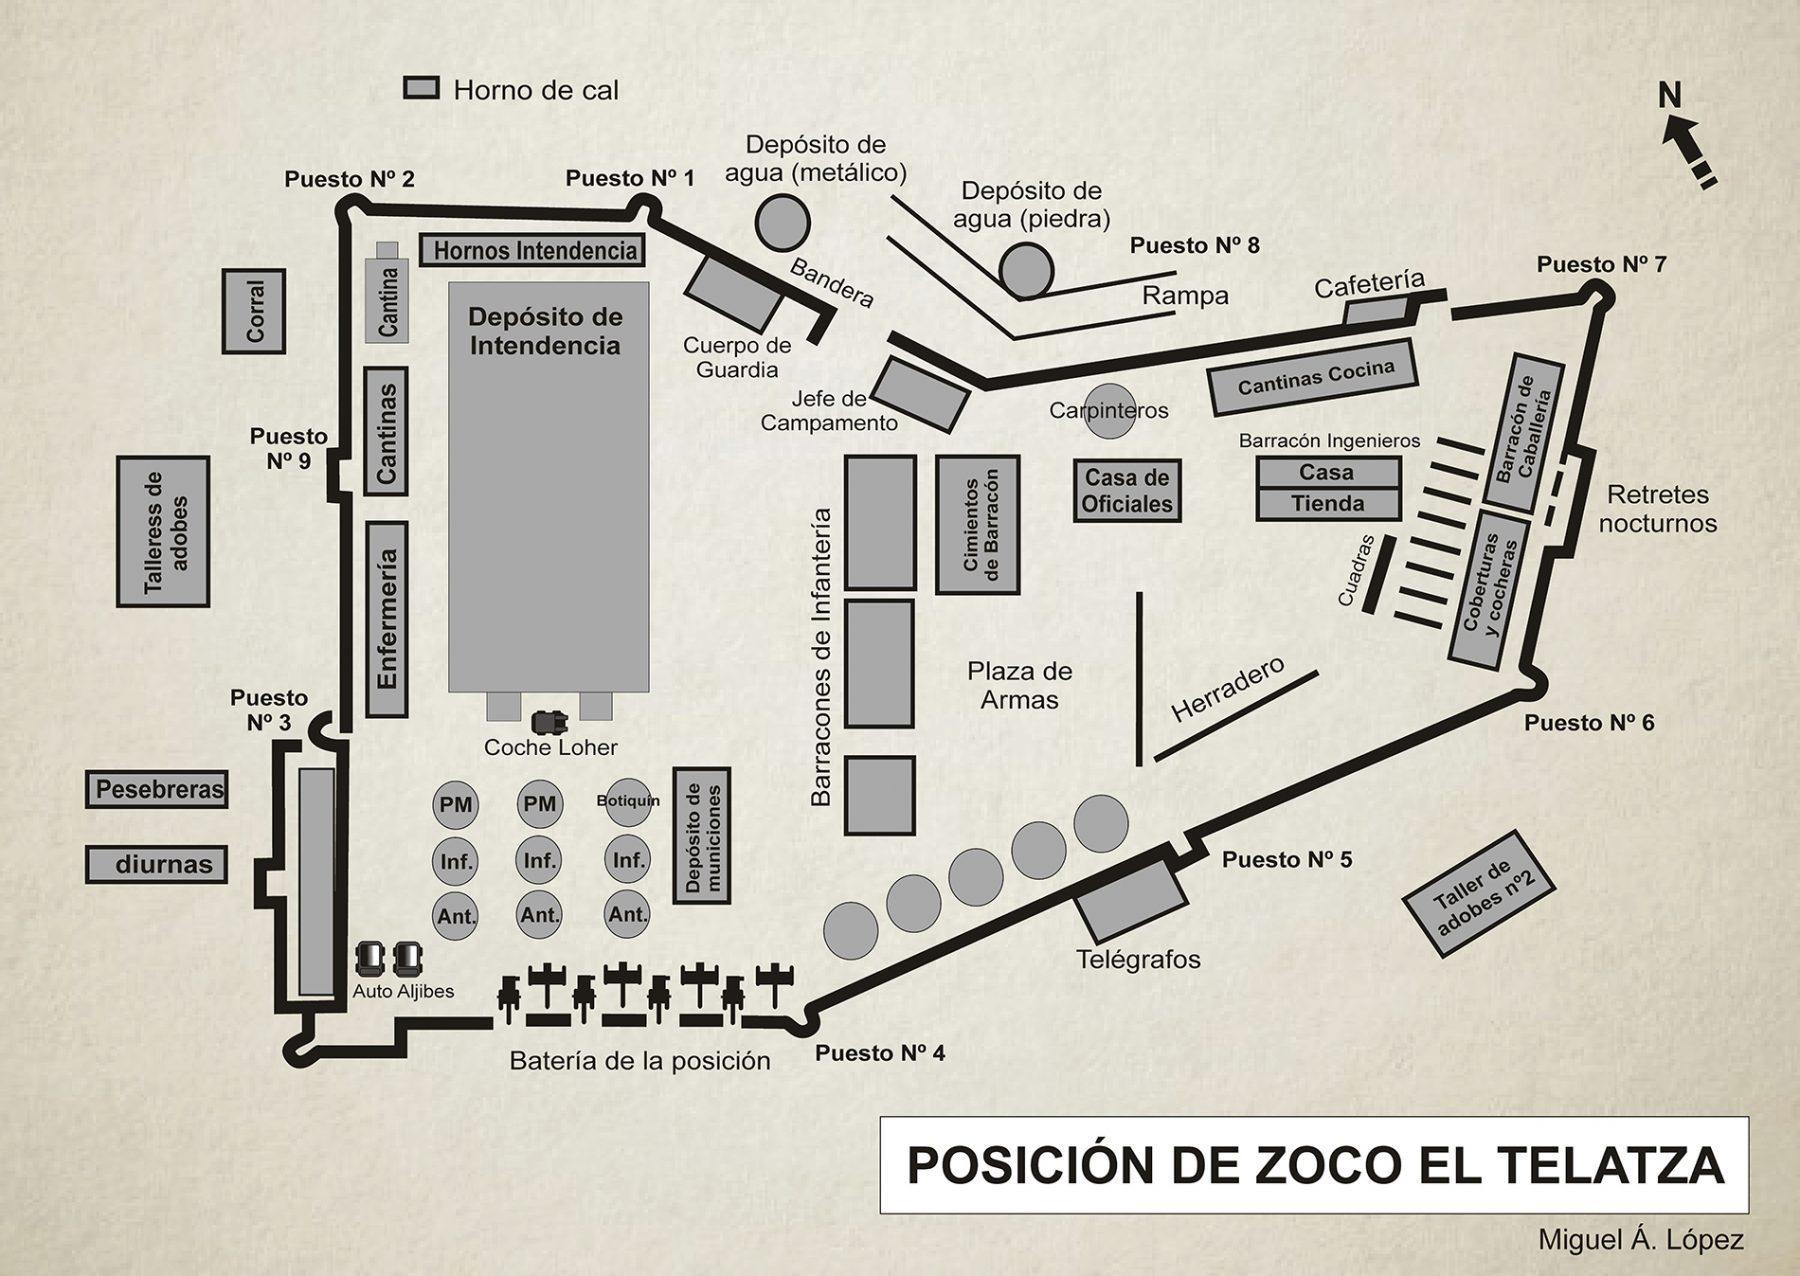 Mapa que muestra la posición del zoco El Telatza